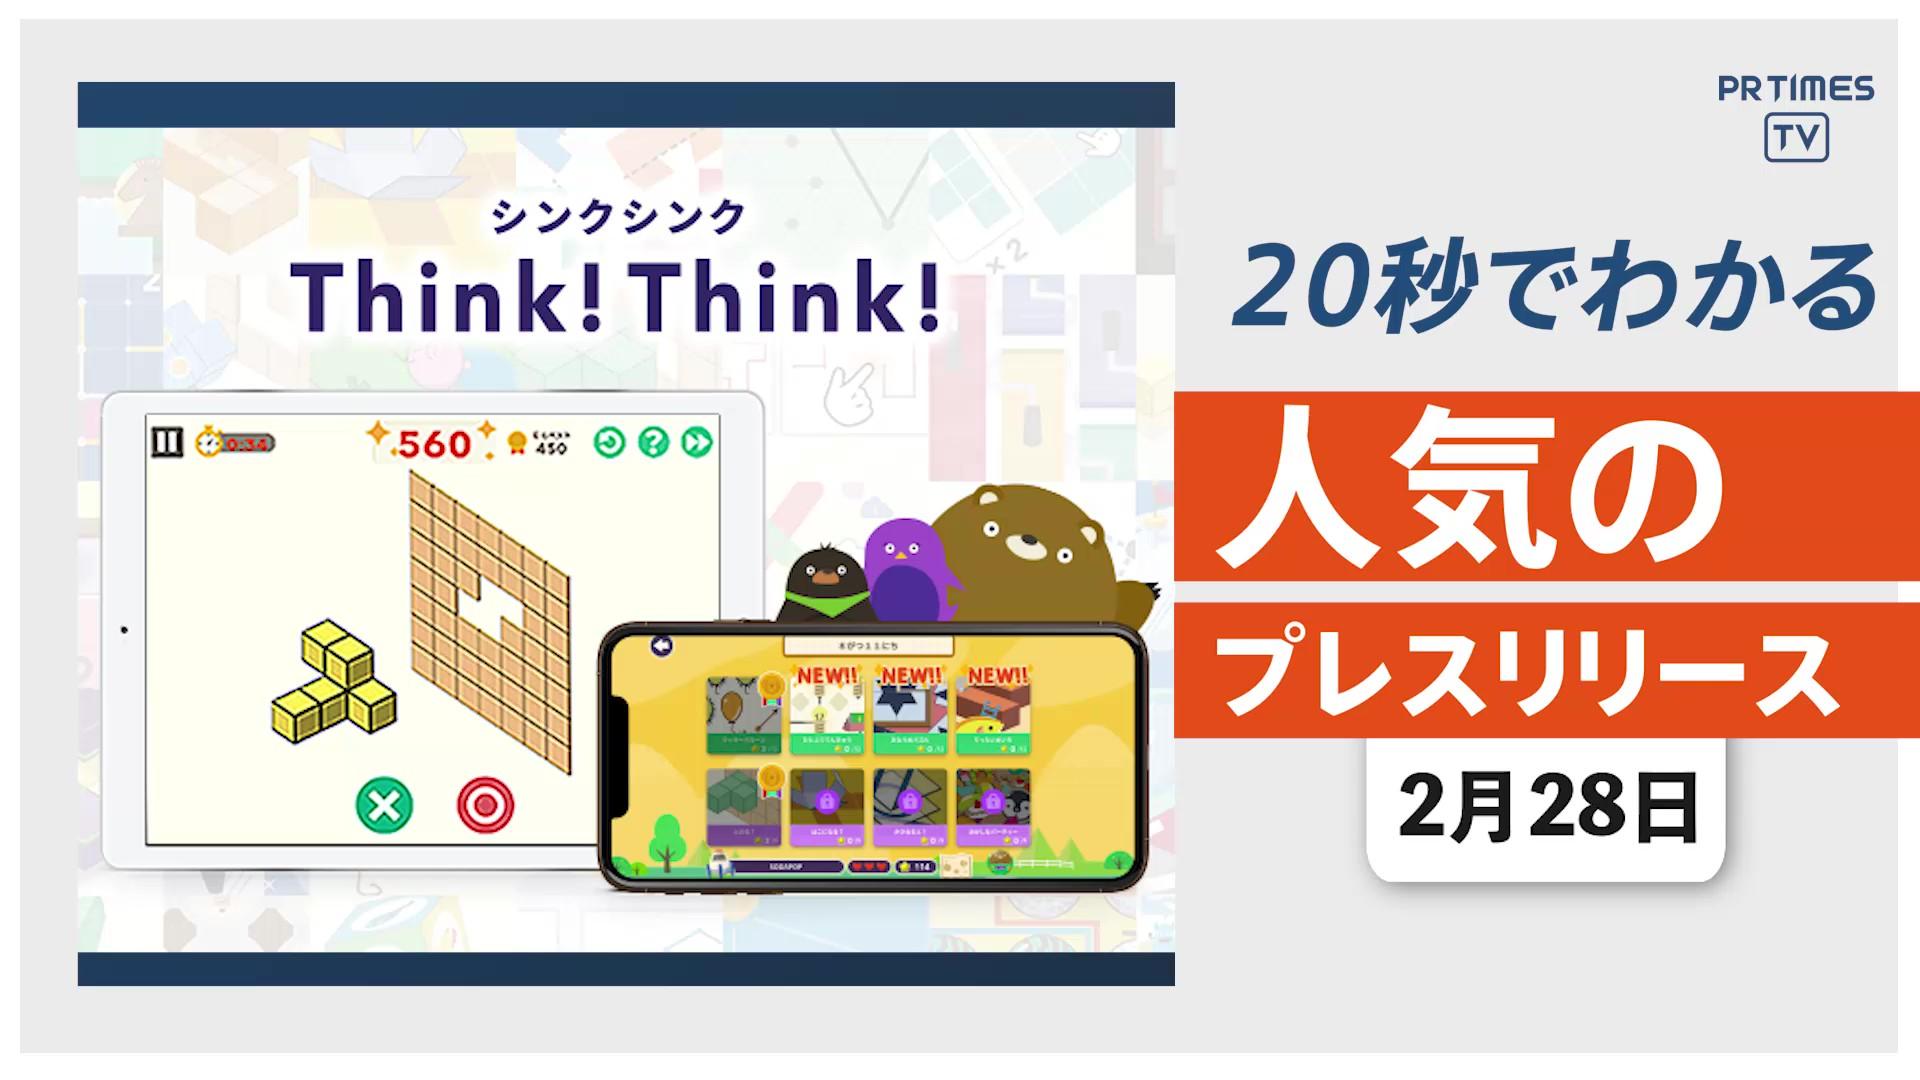 【知育アプリ「シンクシンク」を 1か月間、無償で提供】他、新着トレンド2月28日